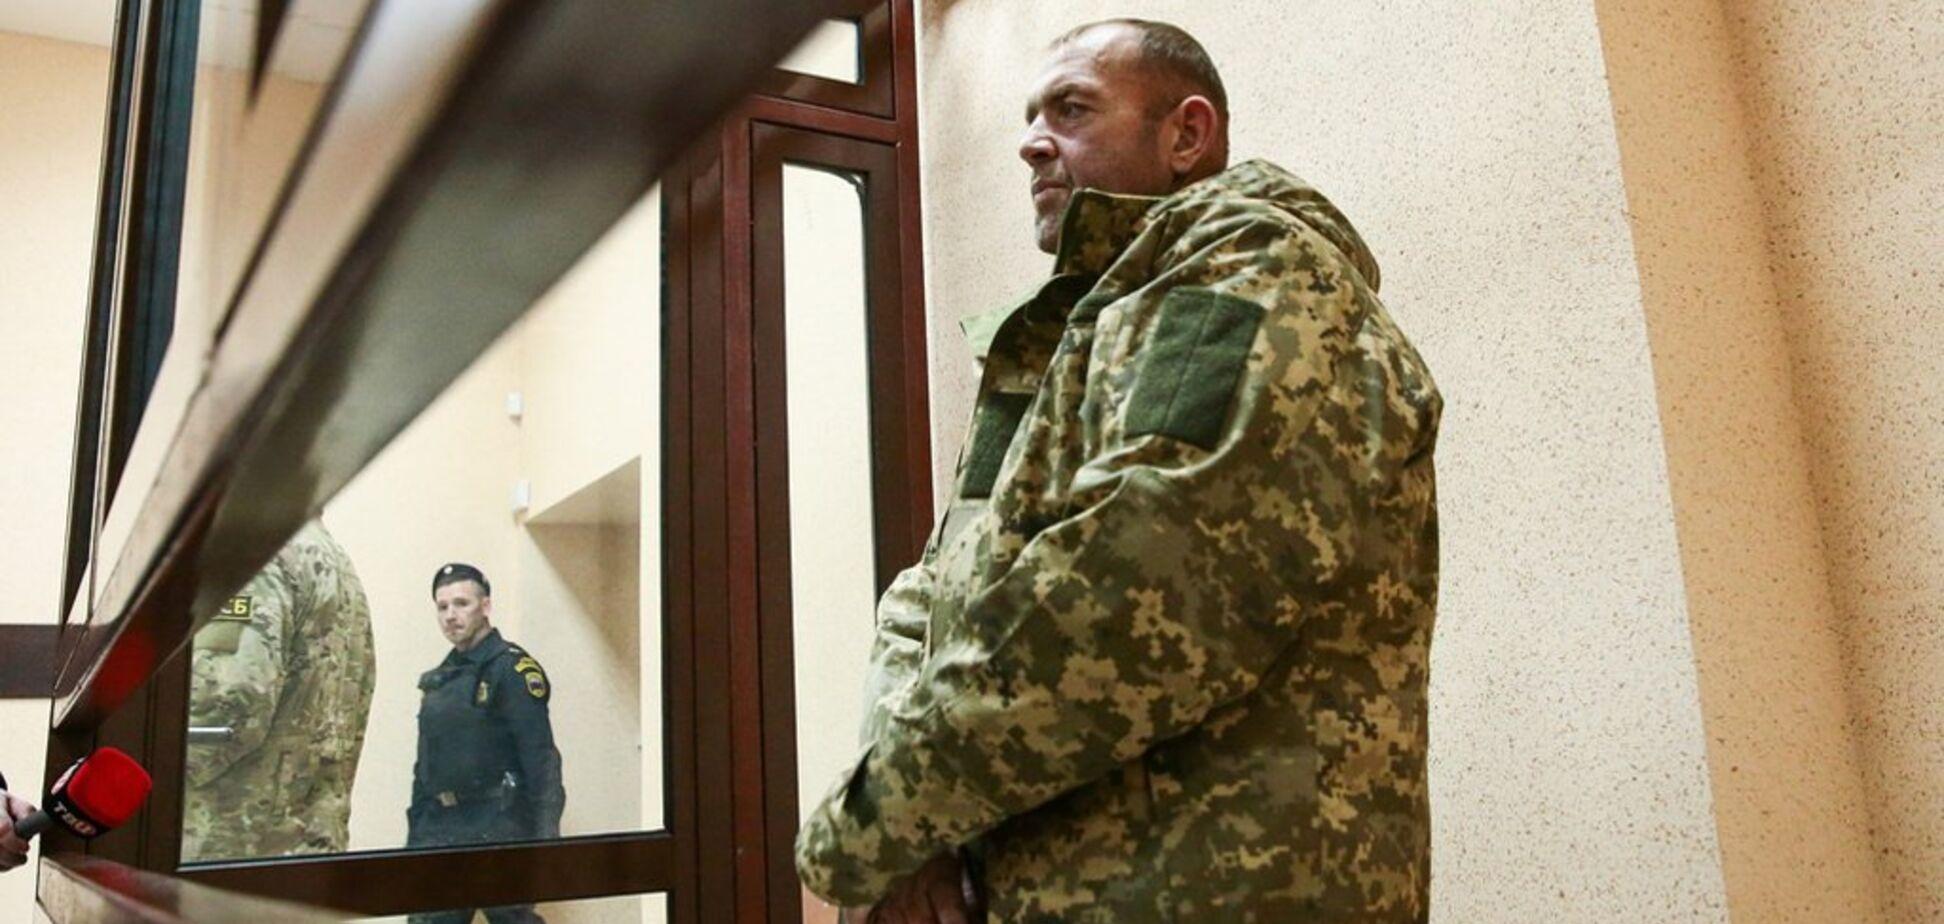 Захоплення моряків: Росія висунула обвинувачення українцям